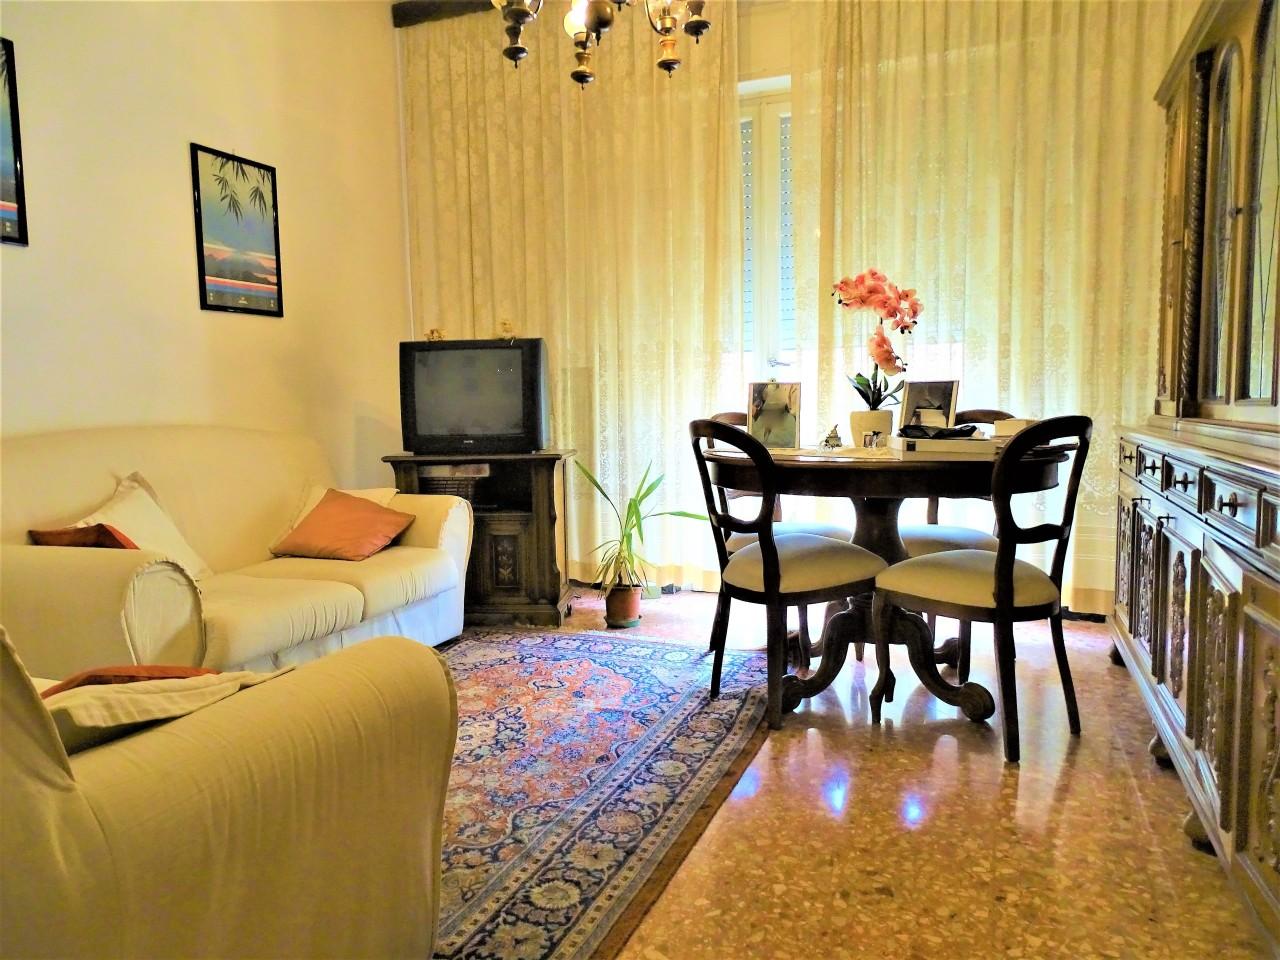 Appartamento in vendita a Pontedera, 4 locali, prezzo € 75.000 | CambioCasa.it